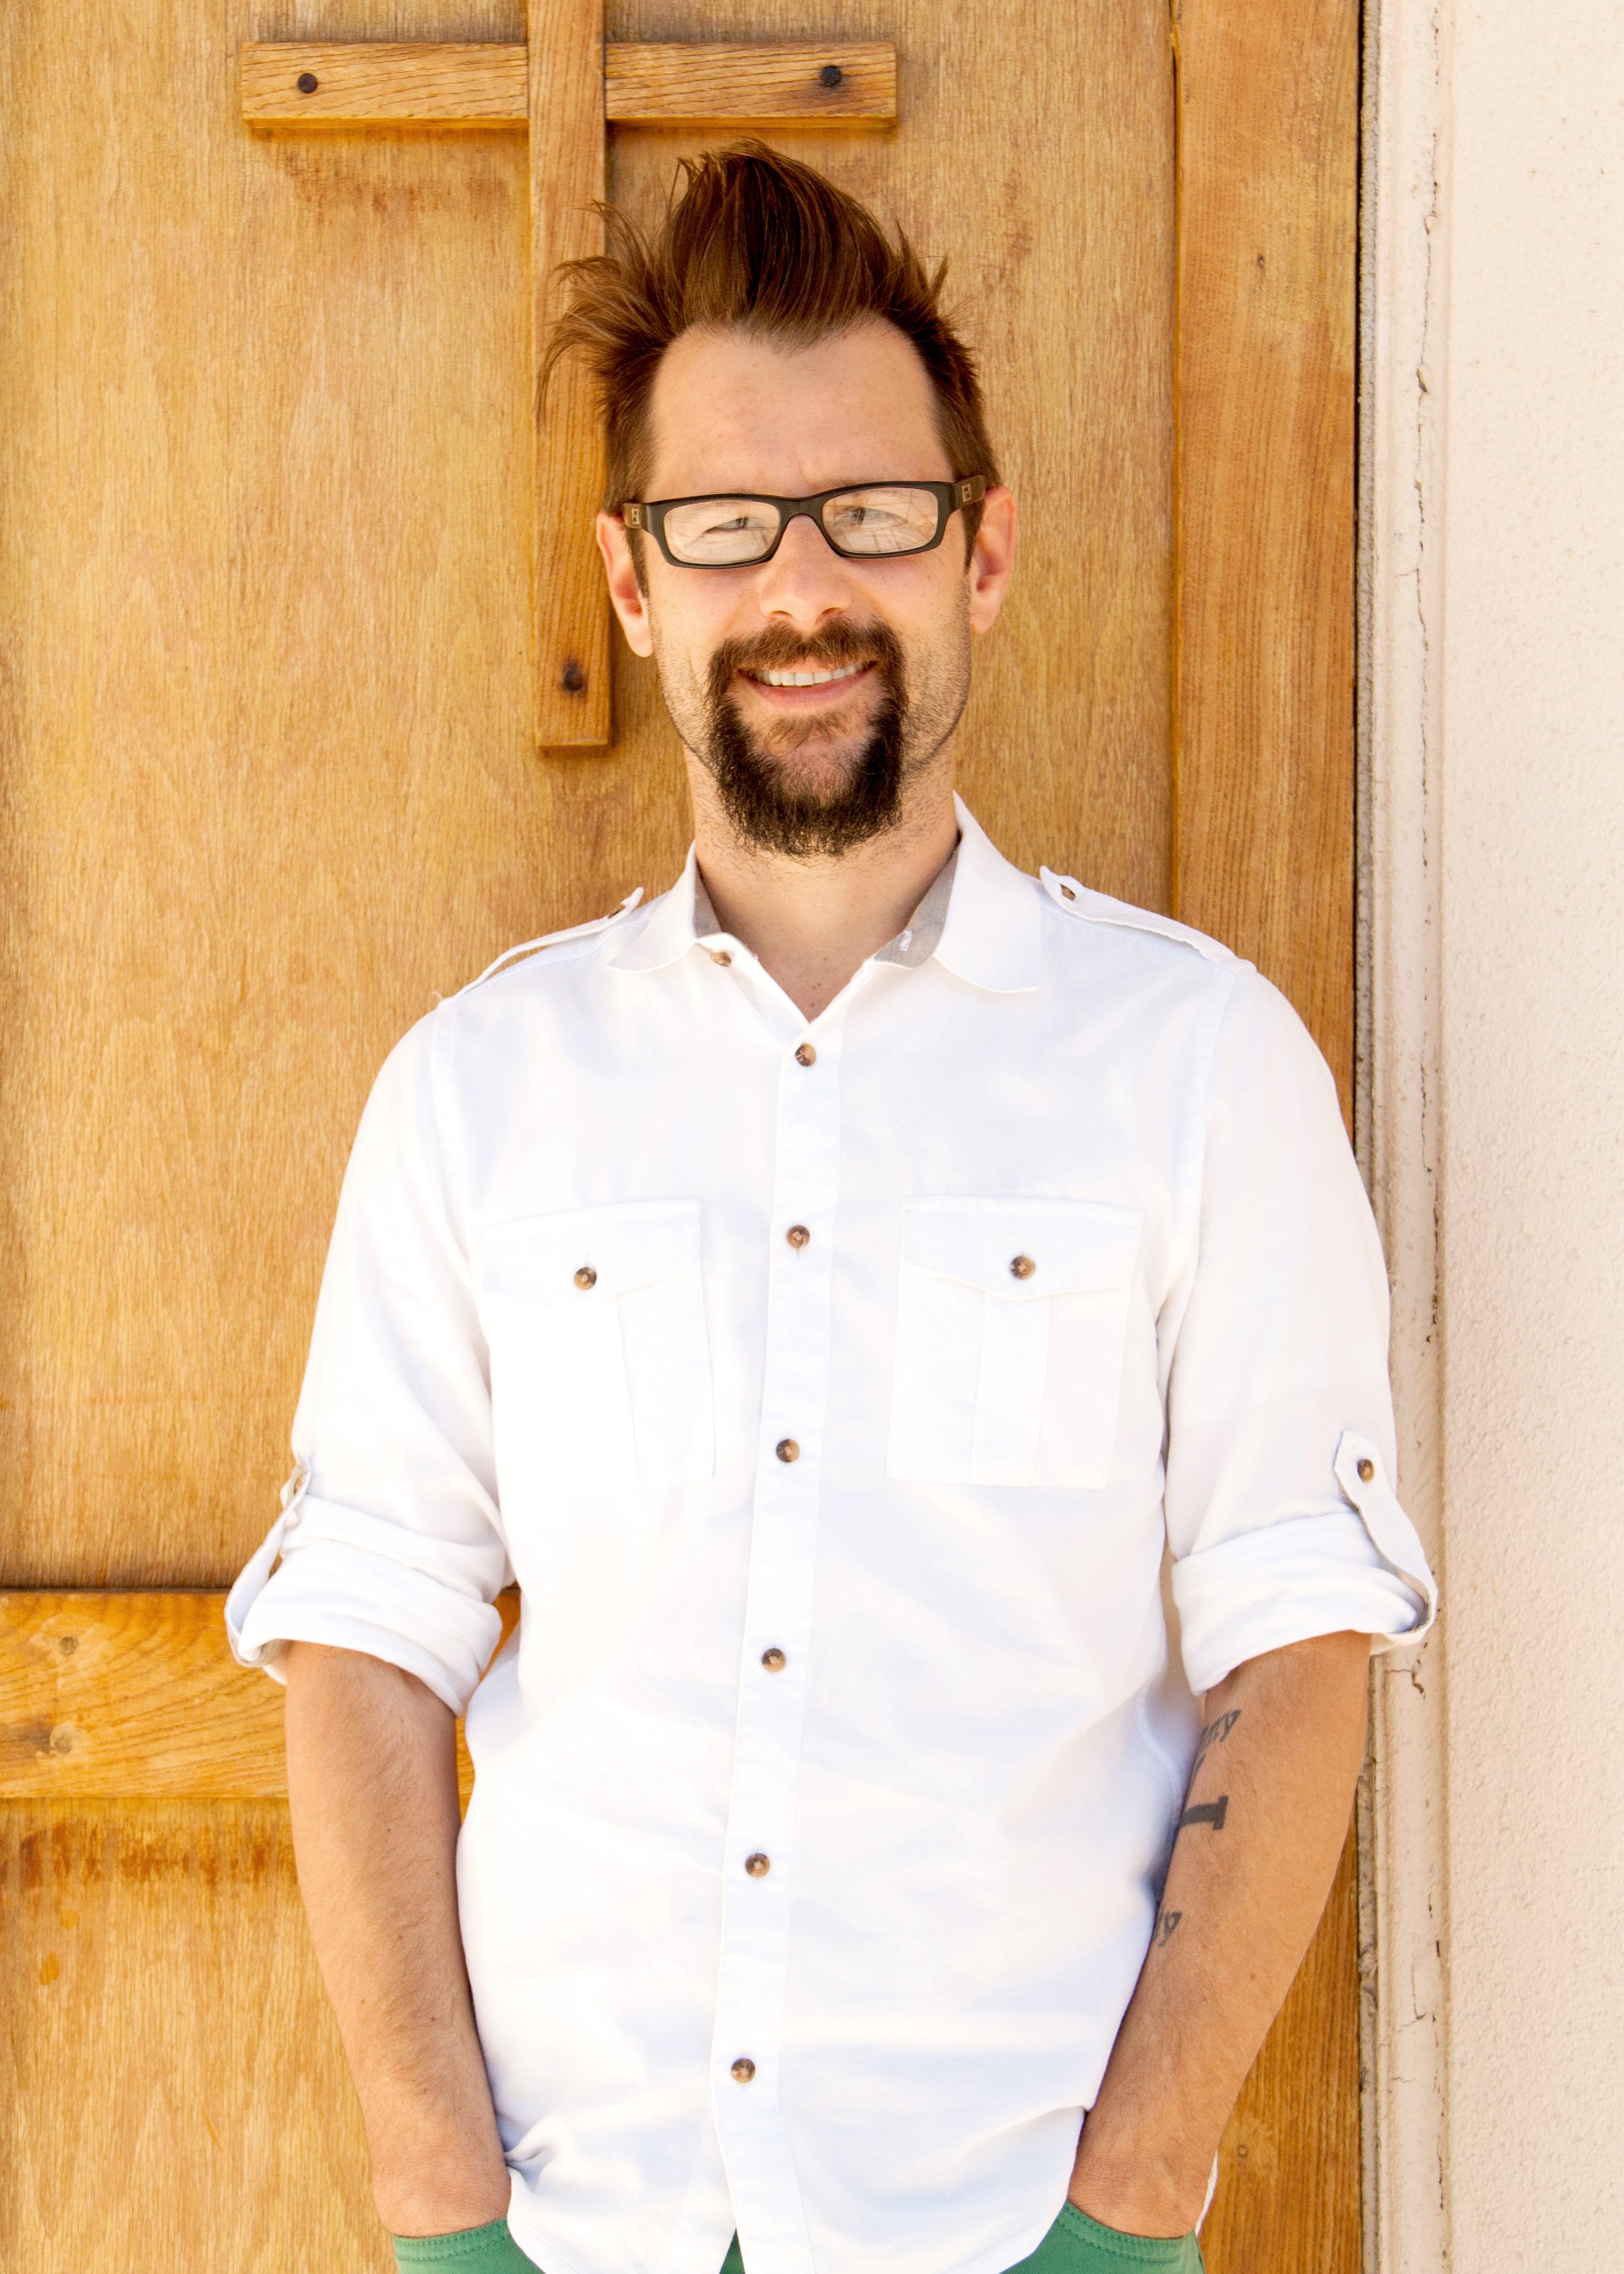 Brent Ross